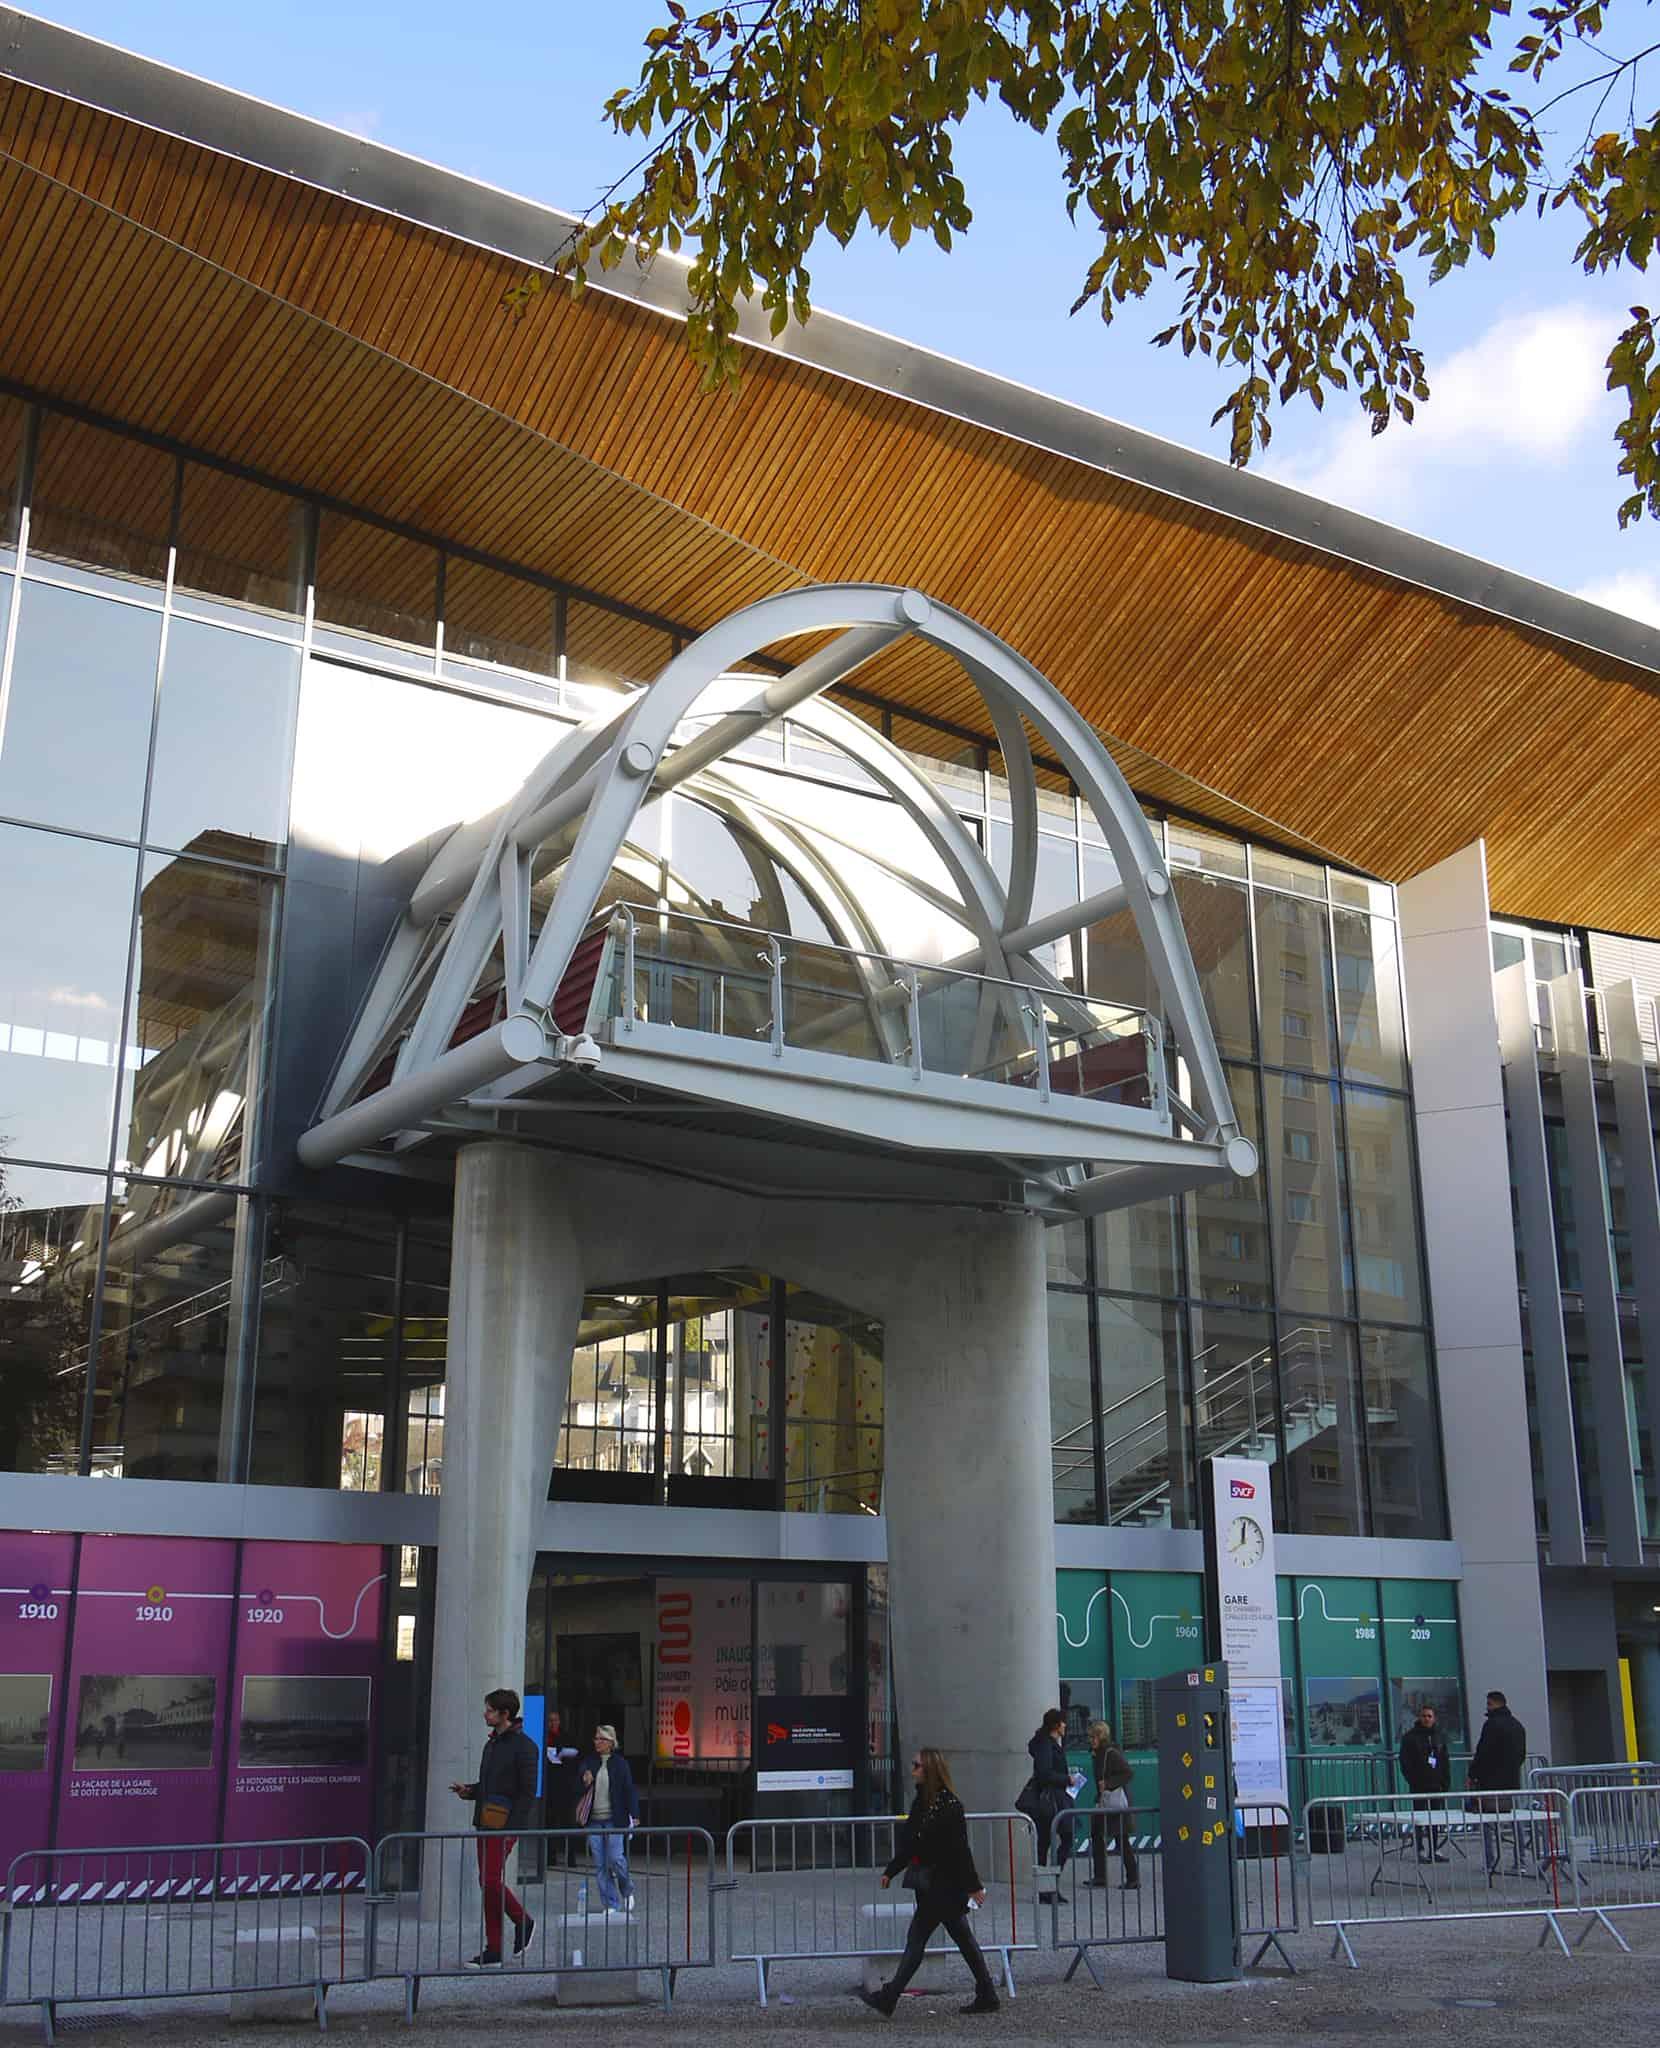 B+M Architecture - En balcon sur la place de la gare